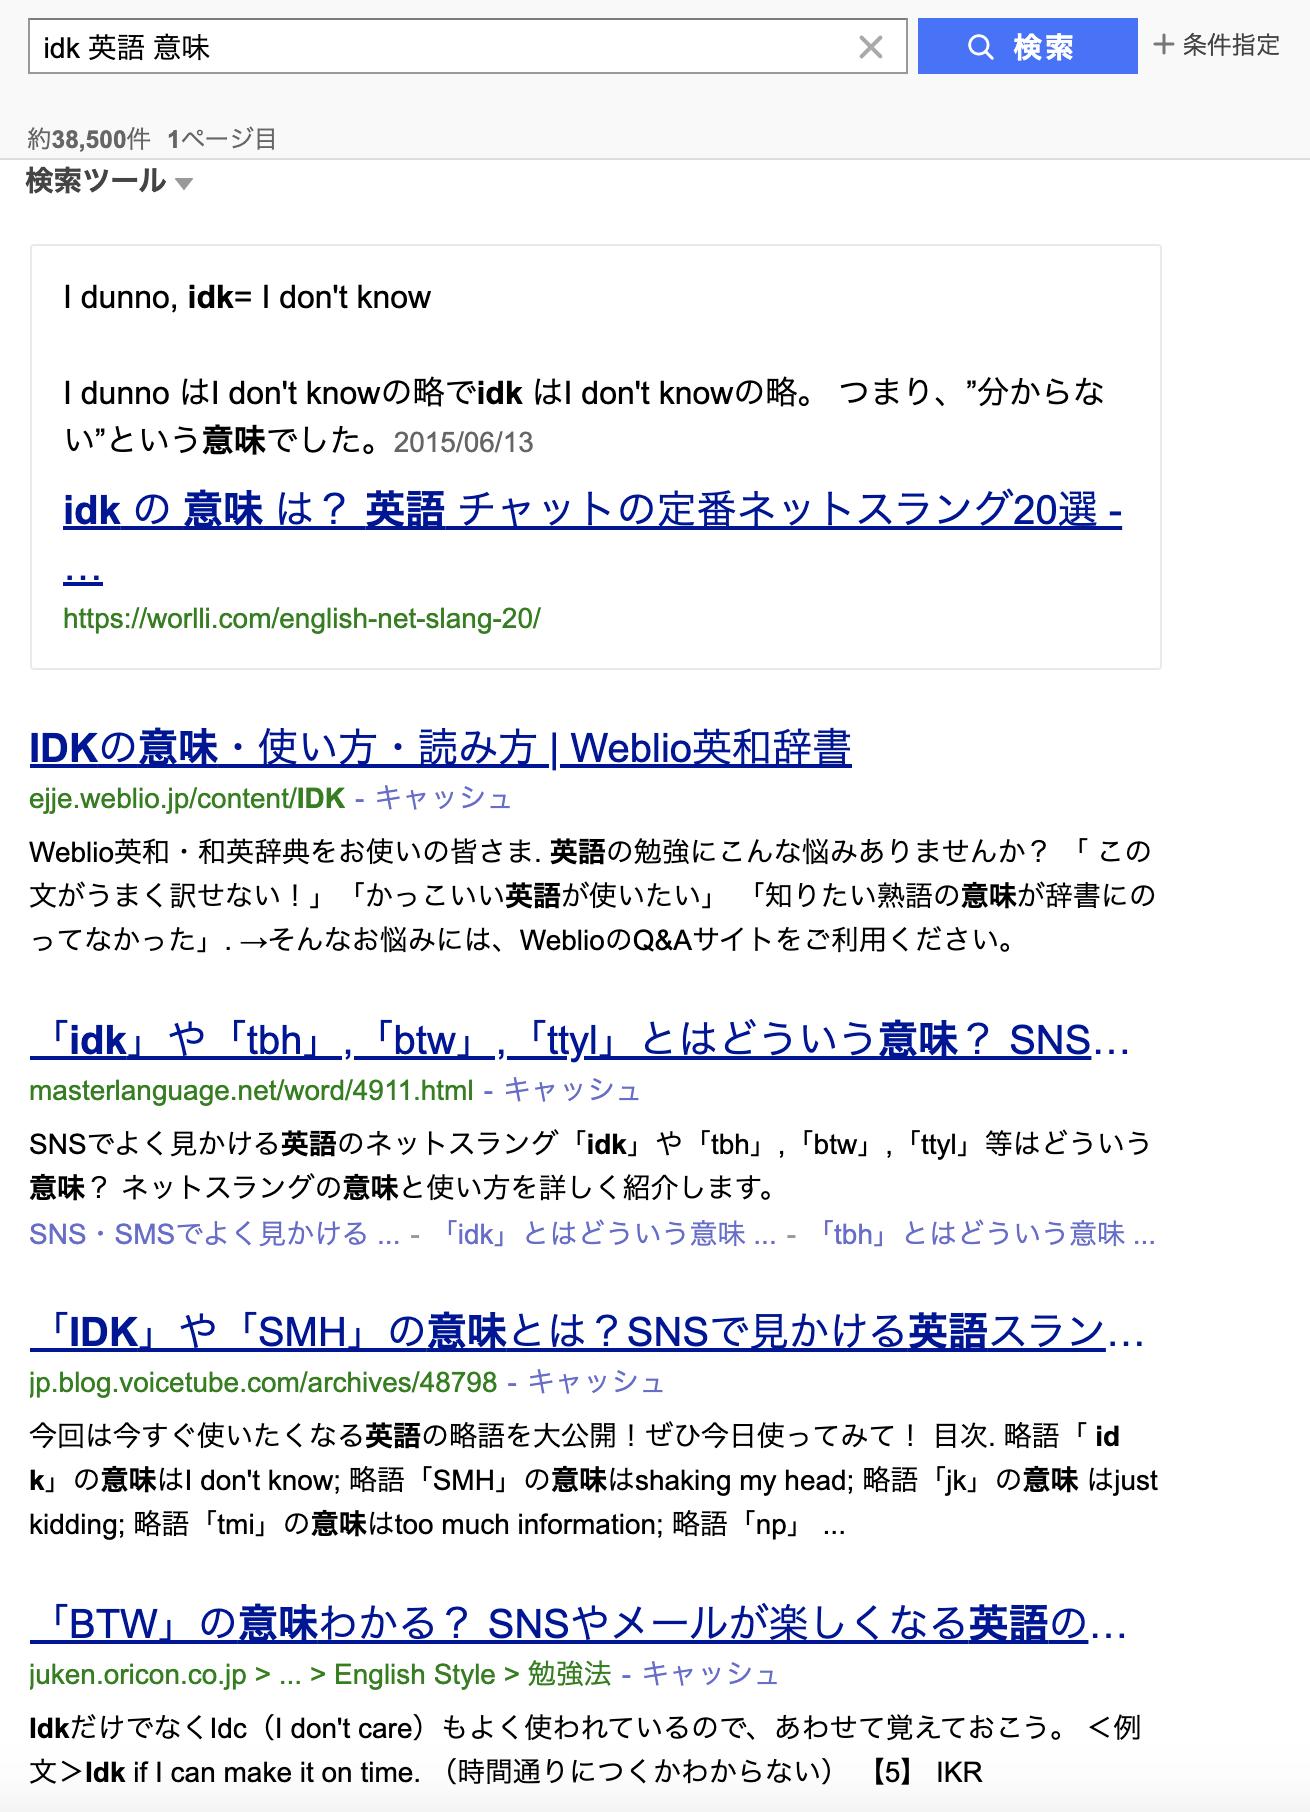 ブログ, 記事, タイトル